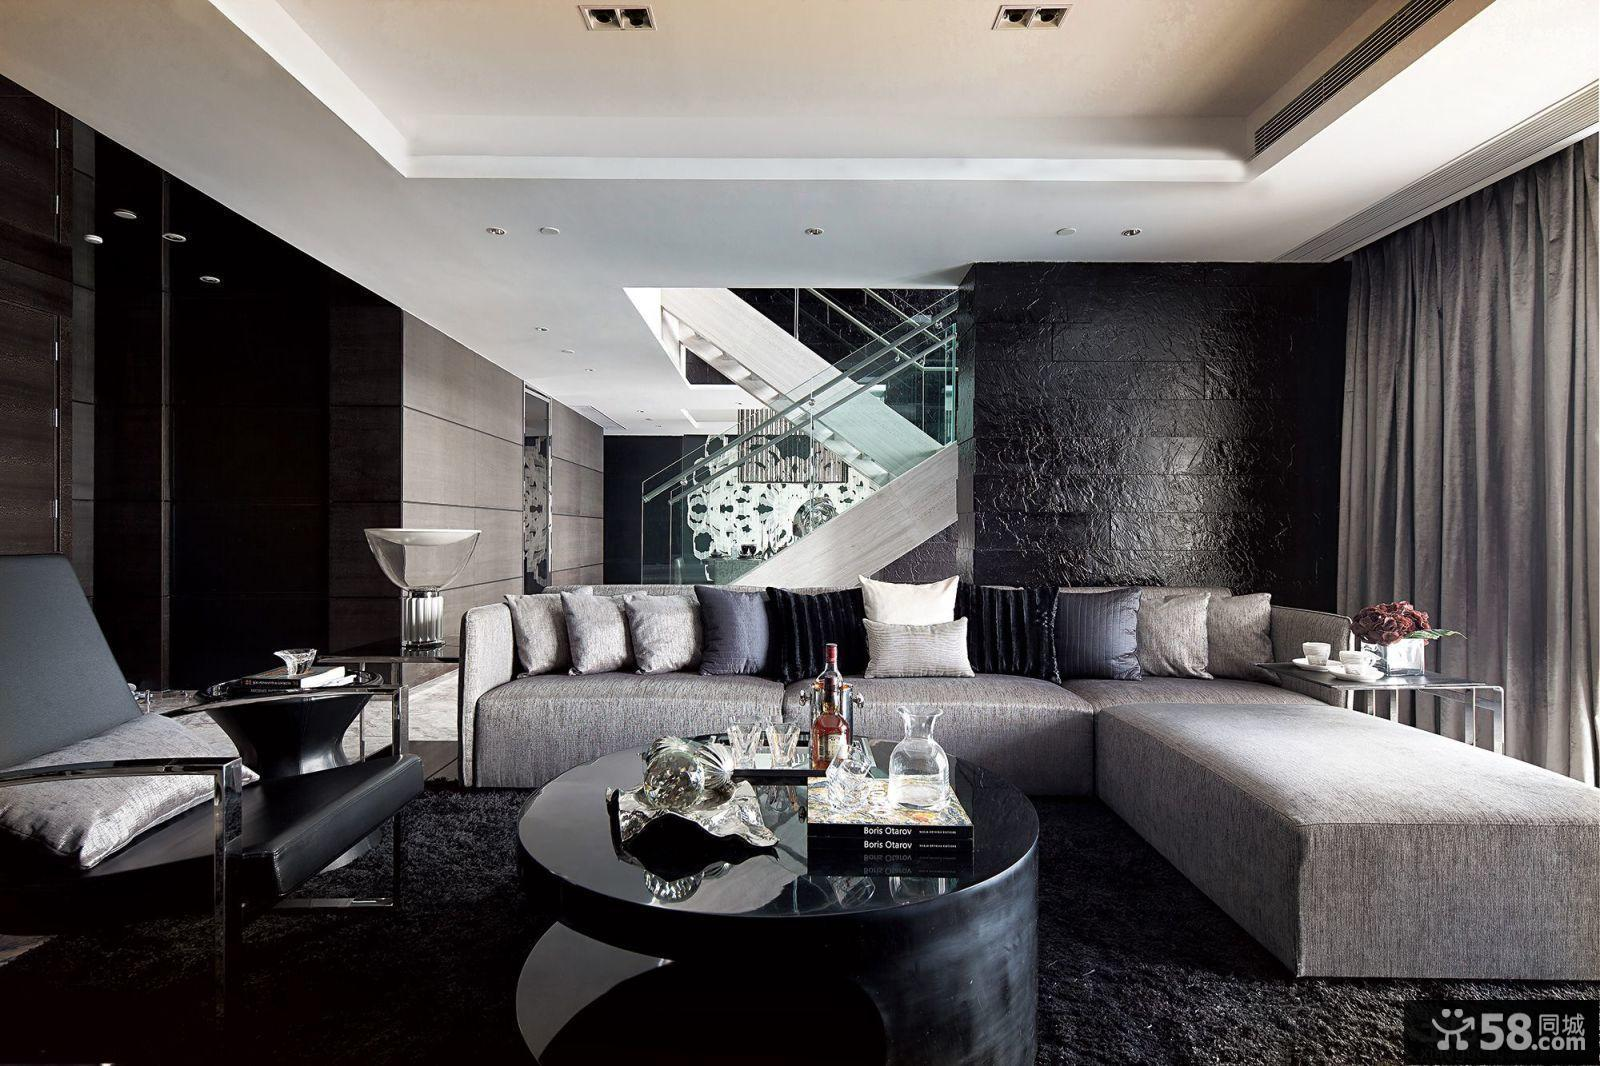 现代风格跃层式三居客厅装修效果图图片